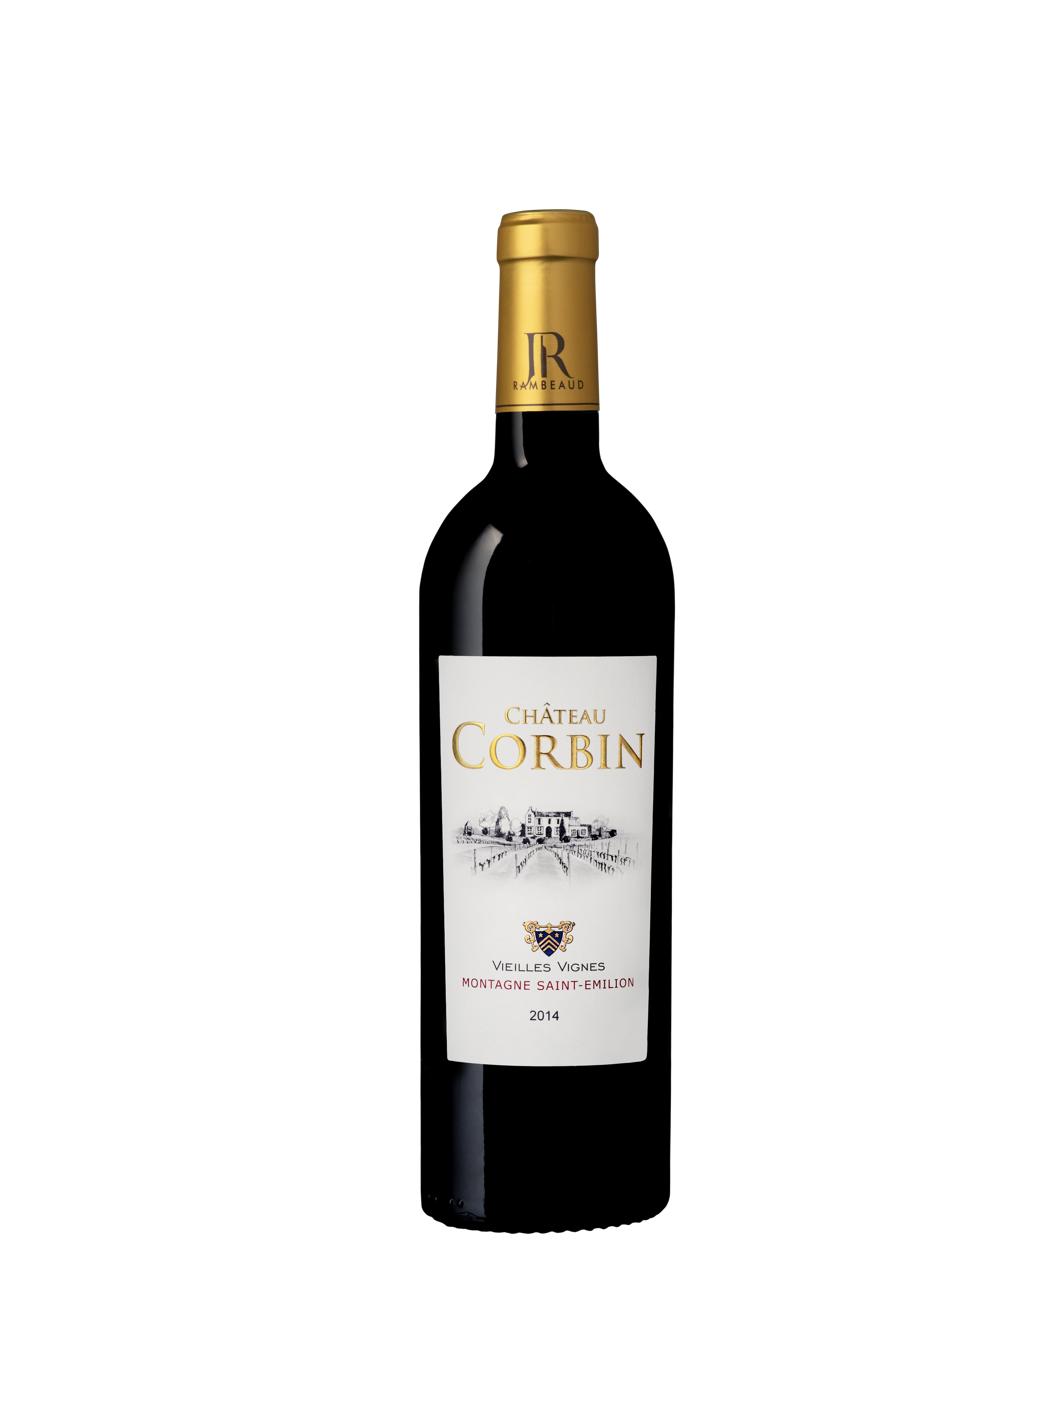 bouteille-chateau-corbin-vieilles-vignes